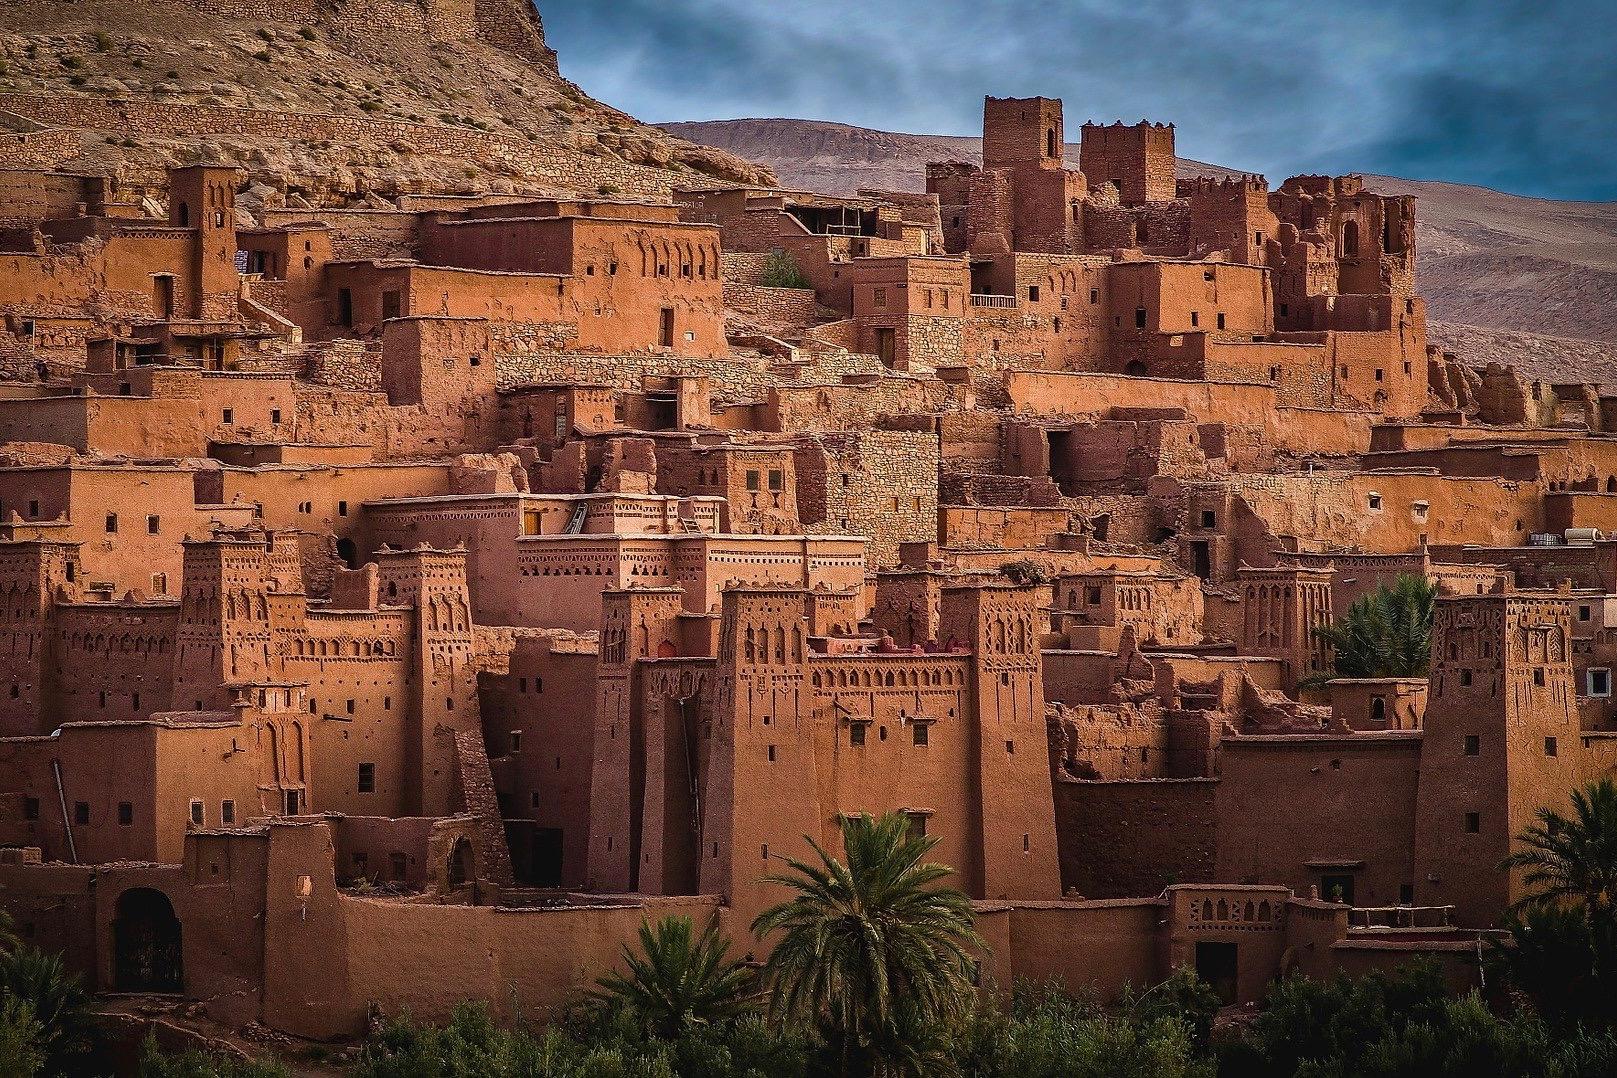 Höhlengebäude in Marokko